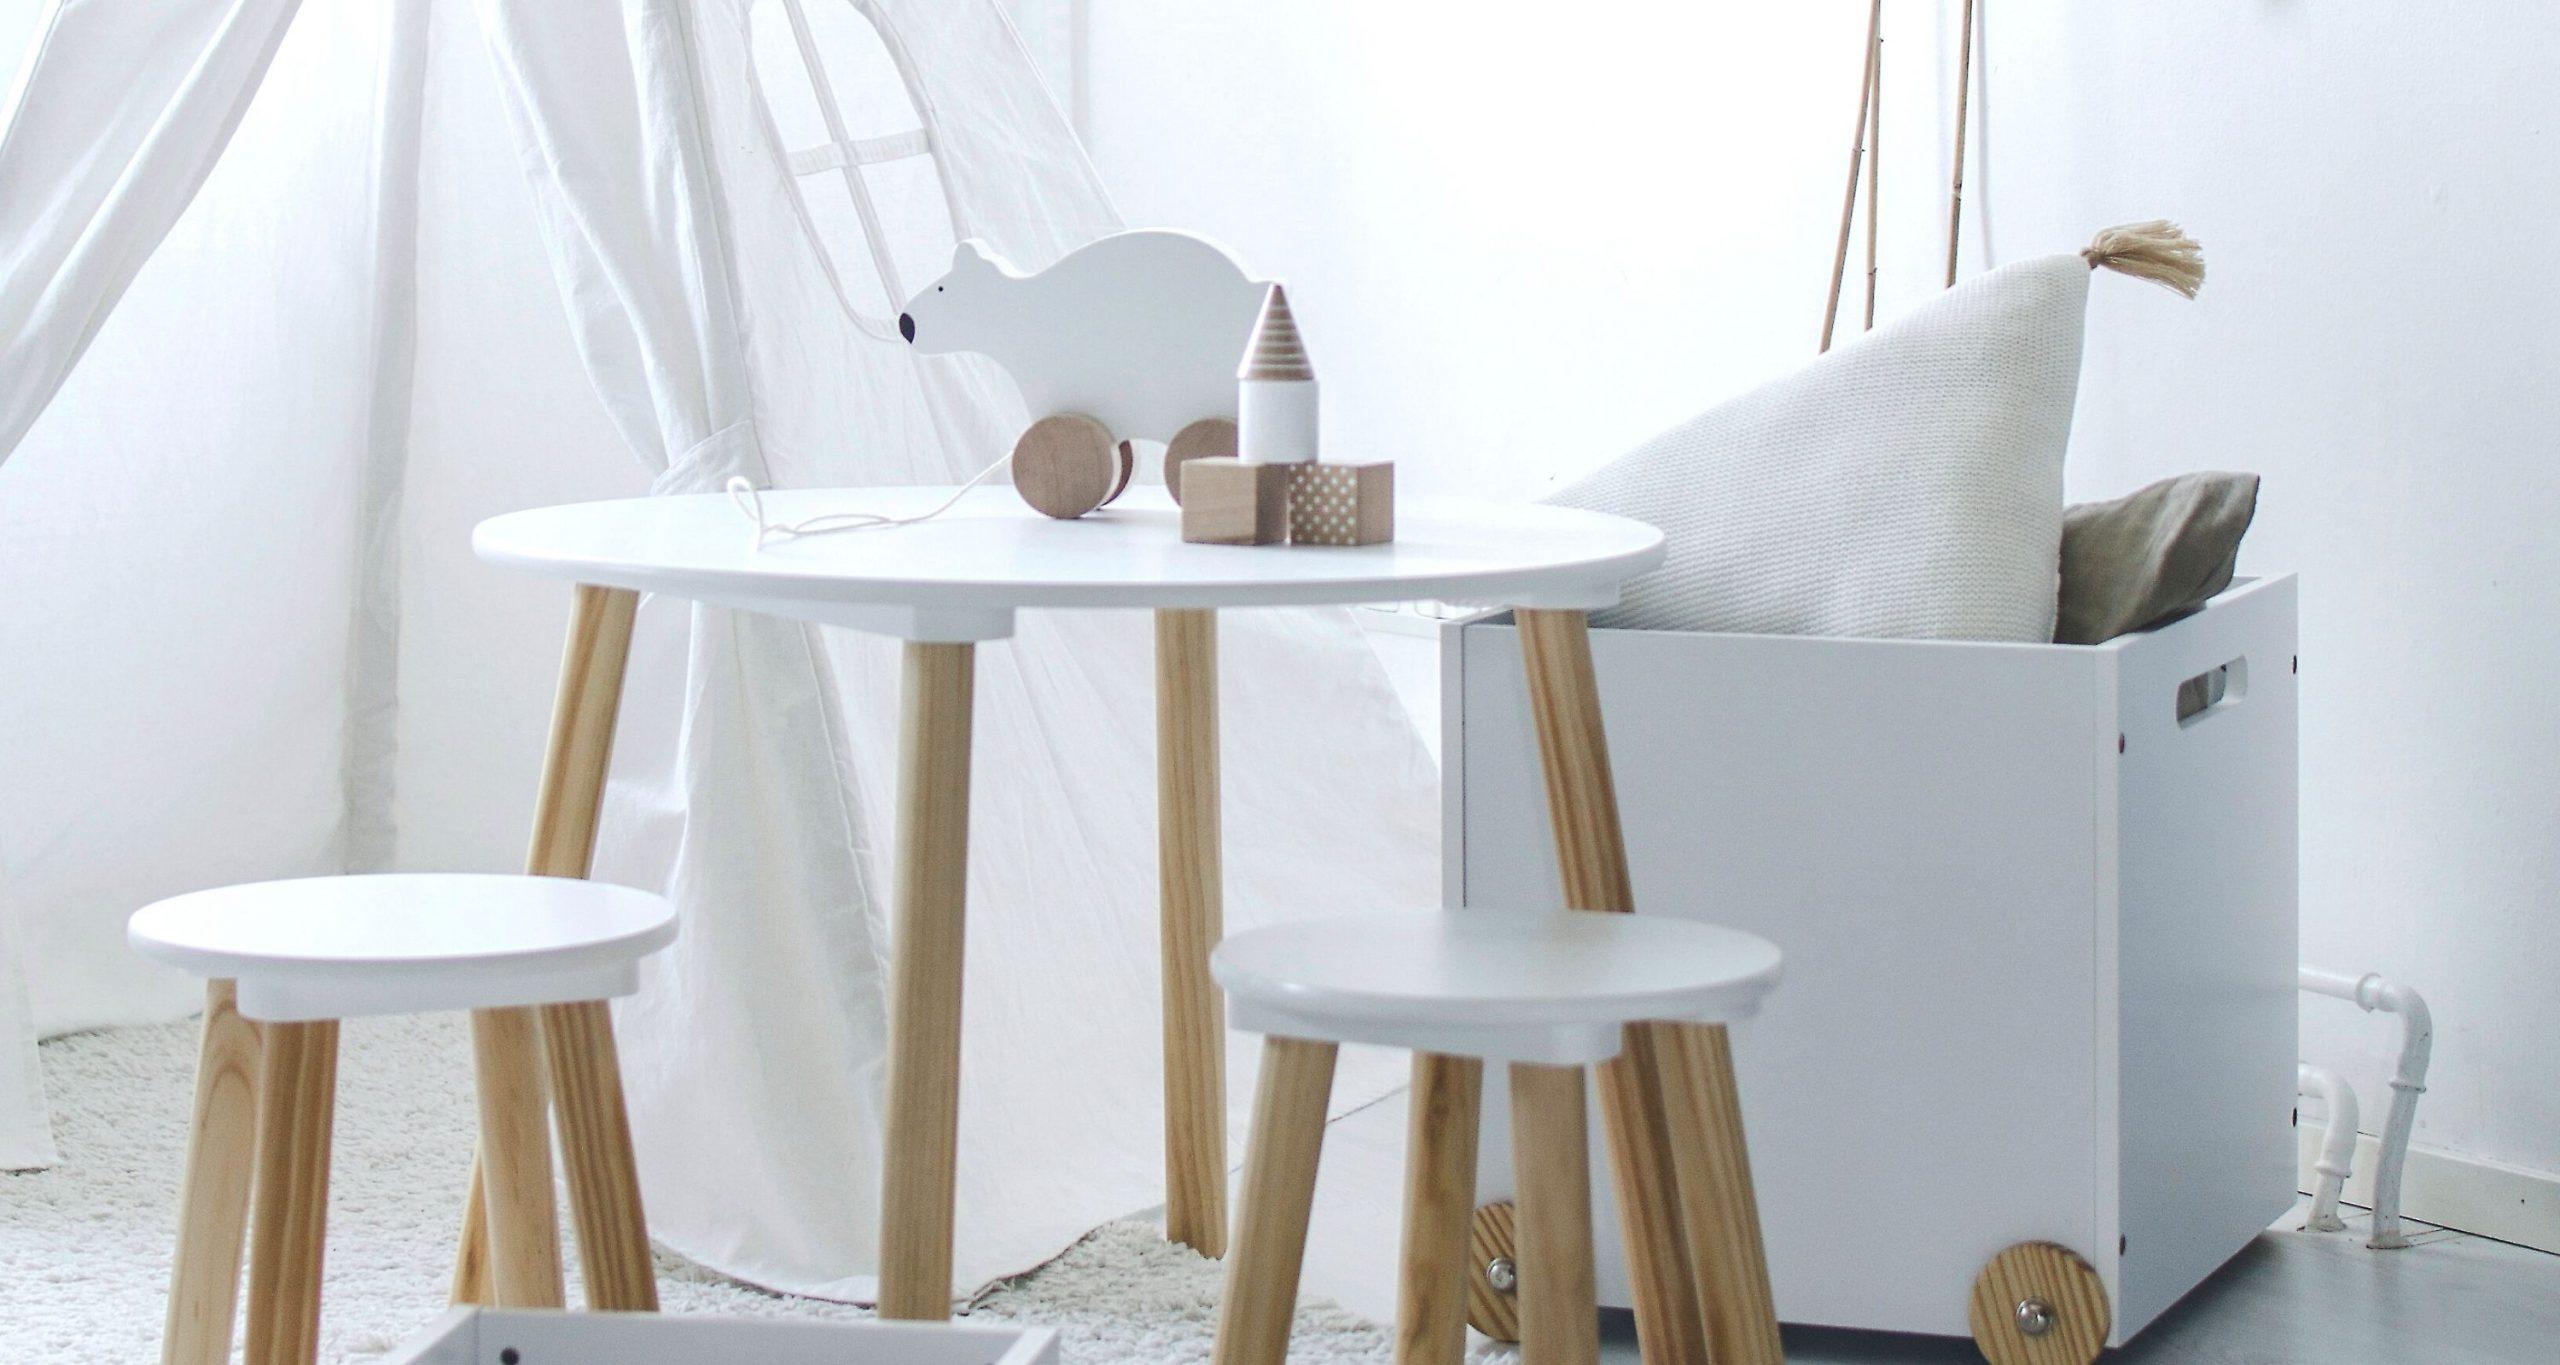 Kinderzimmer neutral mit Tisch und Spielzeug